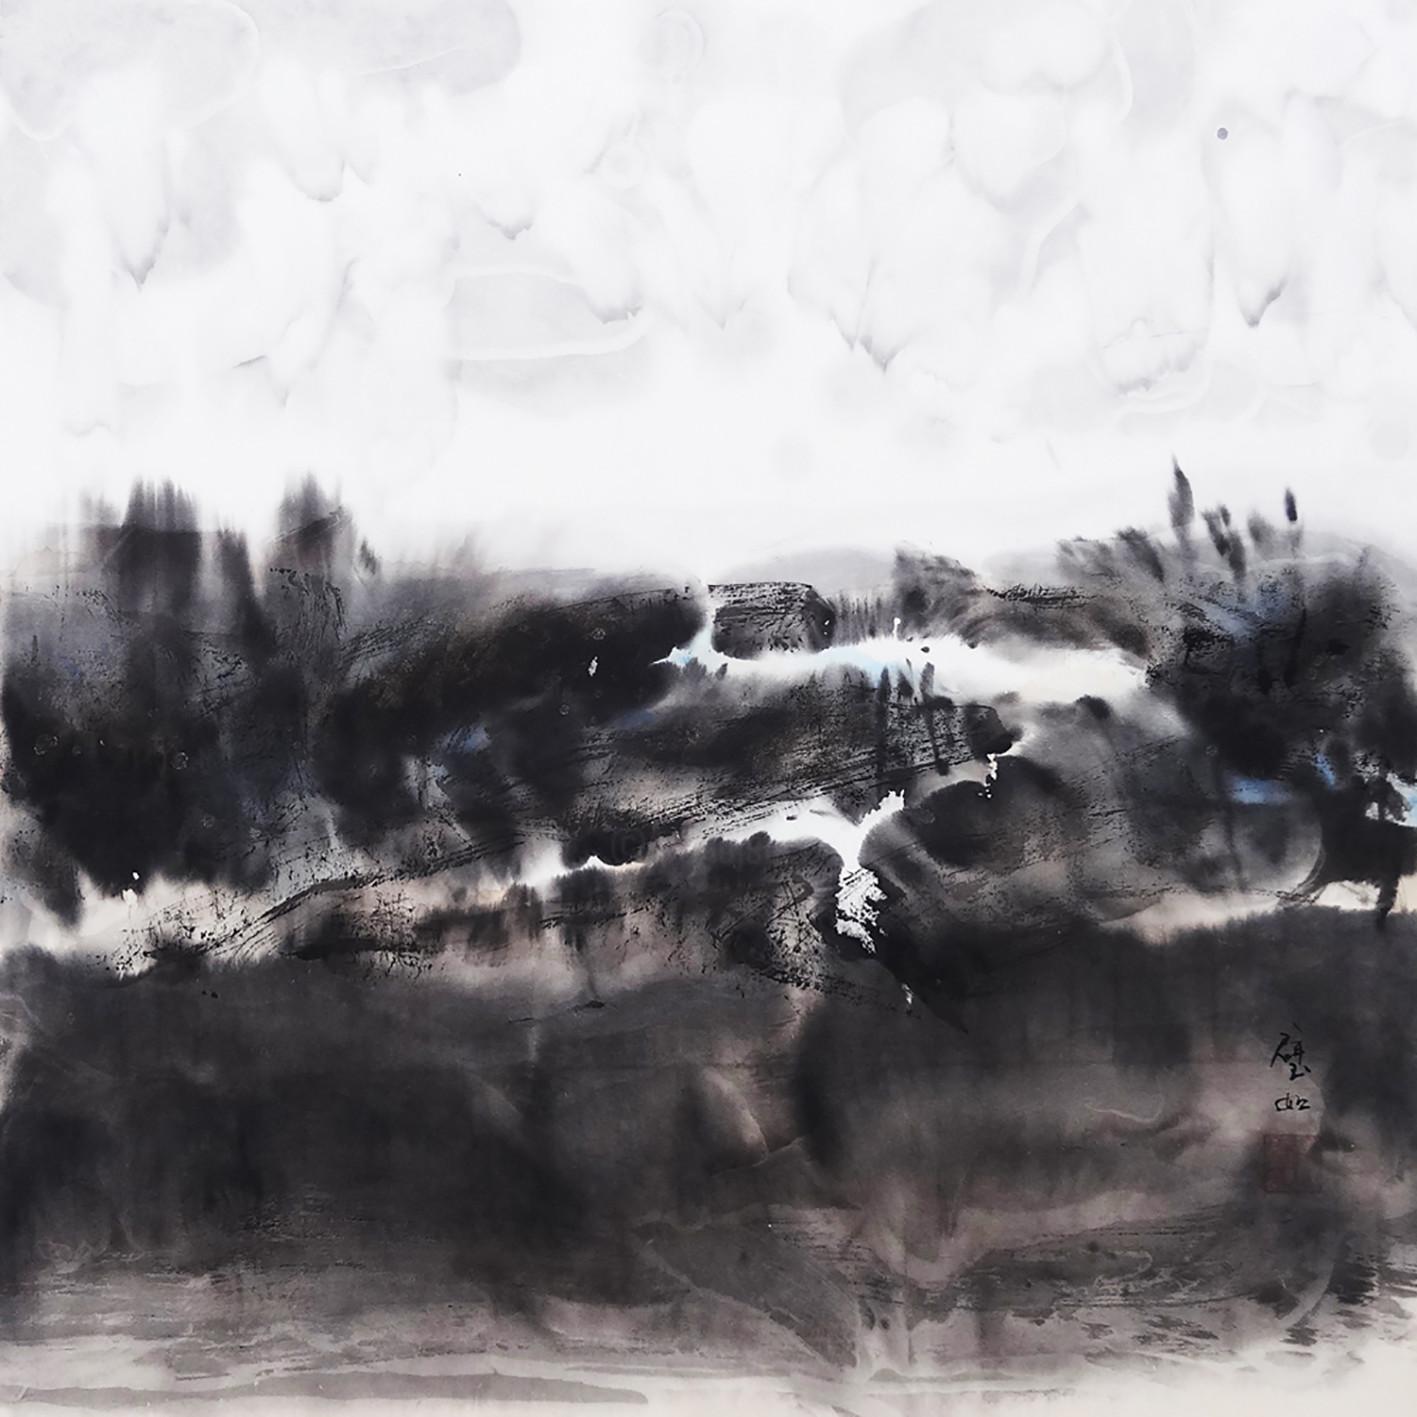 Biru Zhao - 06402.jpg